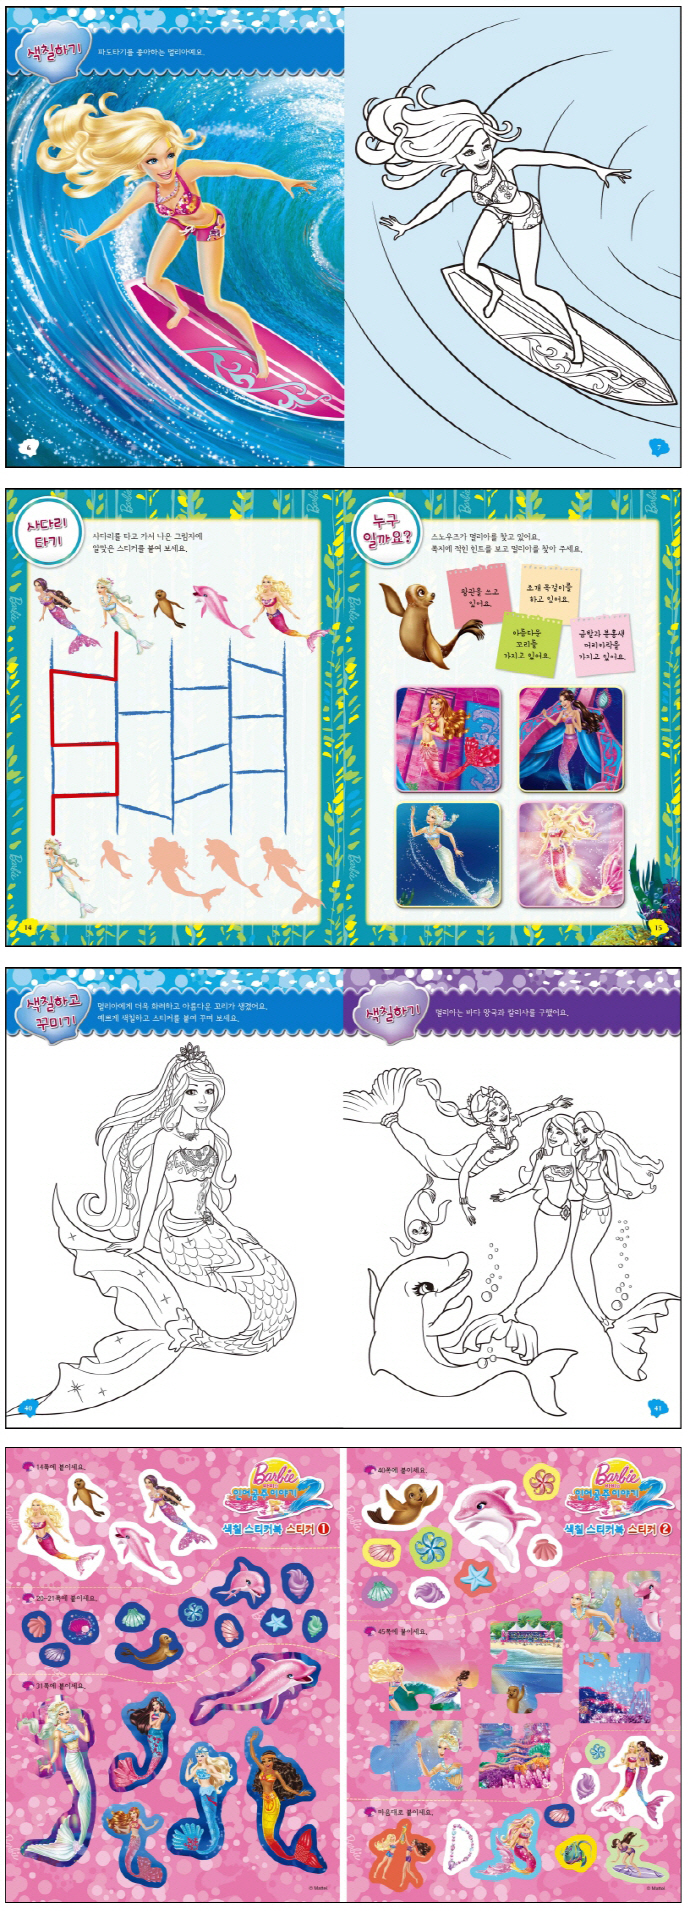 바비의 인어 공주 이야기 2 색칠 스티커북바비 색칠 스티커북